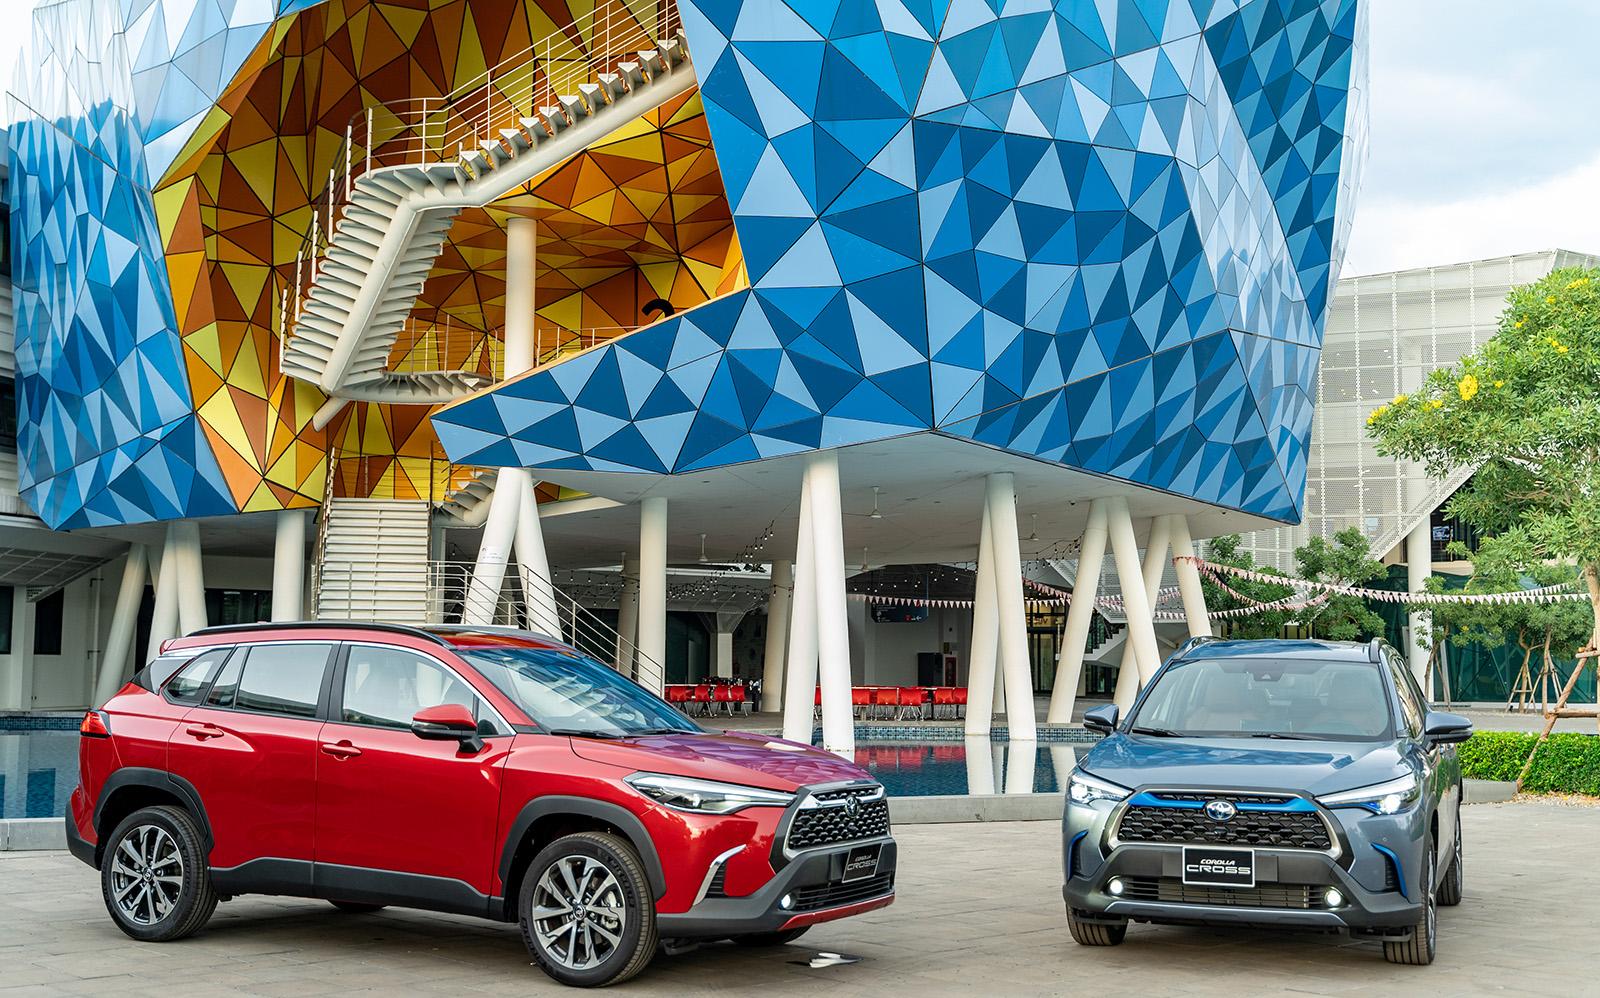 2 bản V và HV có trang bị gói an toàn Toyota Safety Sense được bán trước, bản G không có gói này sẽ được bán sau.